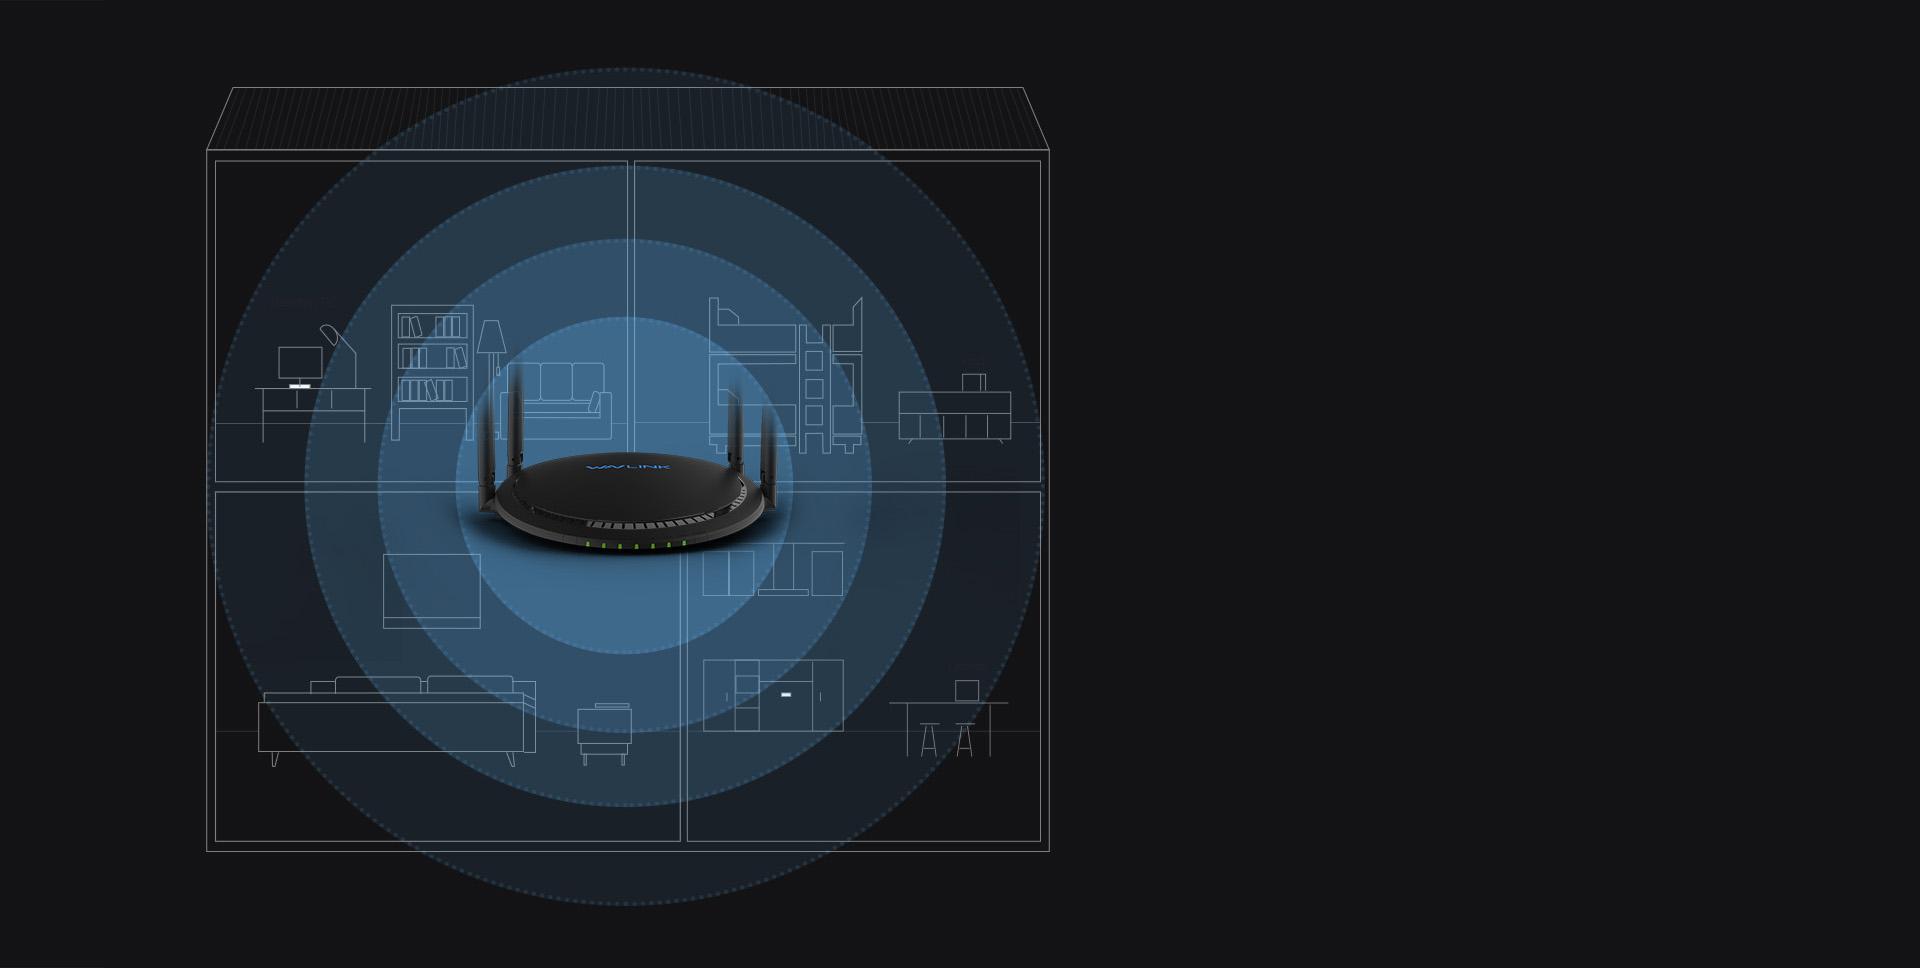 睿因A42外置2根5GHz和2根2.4GHz高增益单频天线,充分的提高了网络传输性能